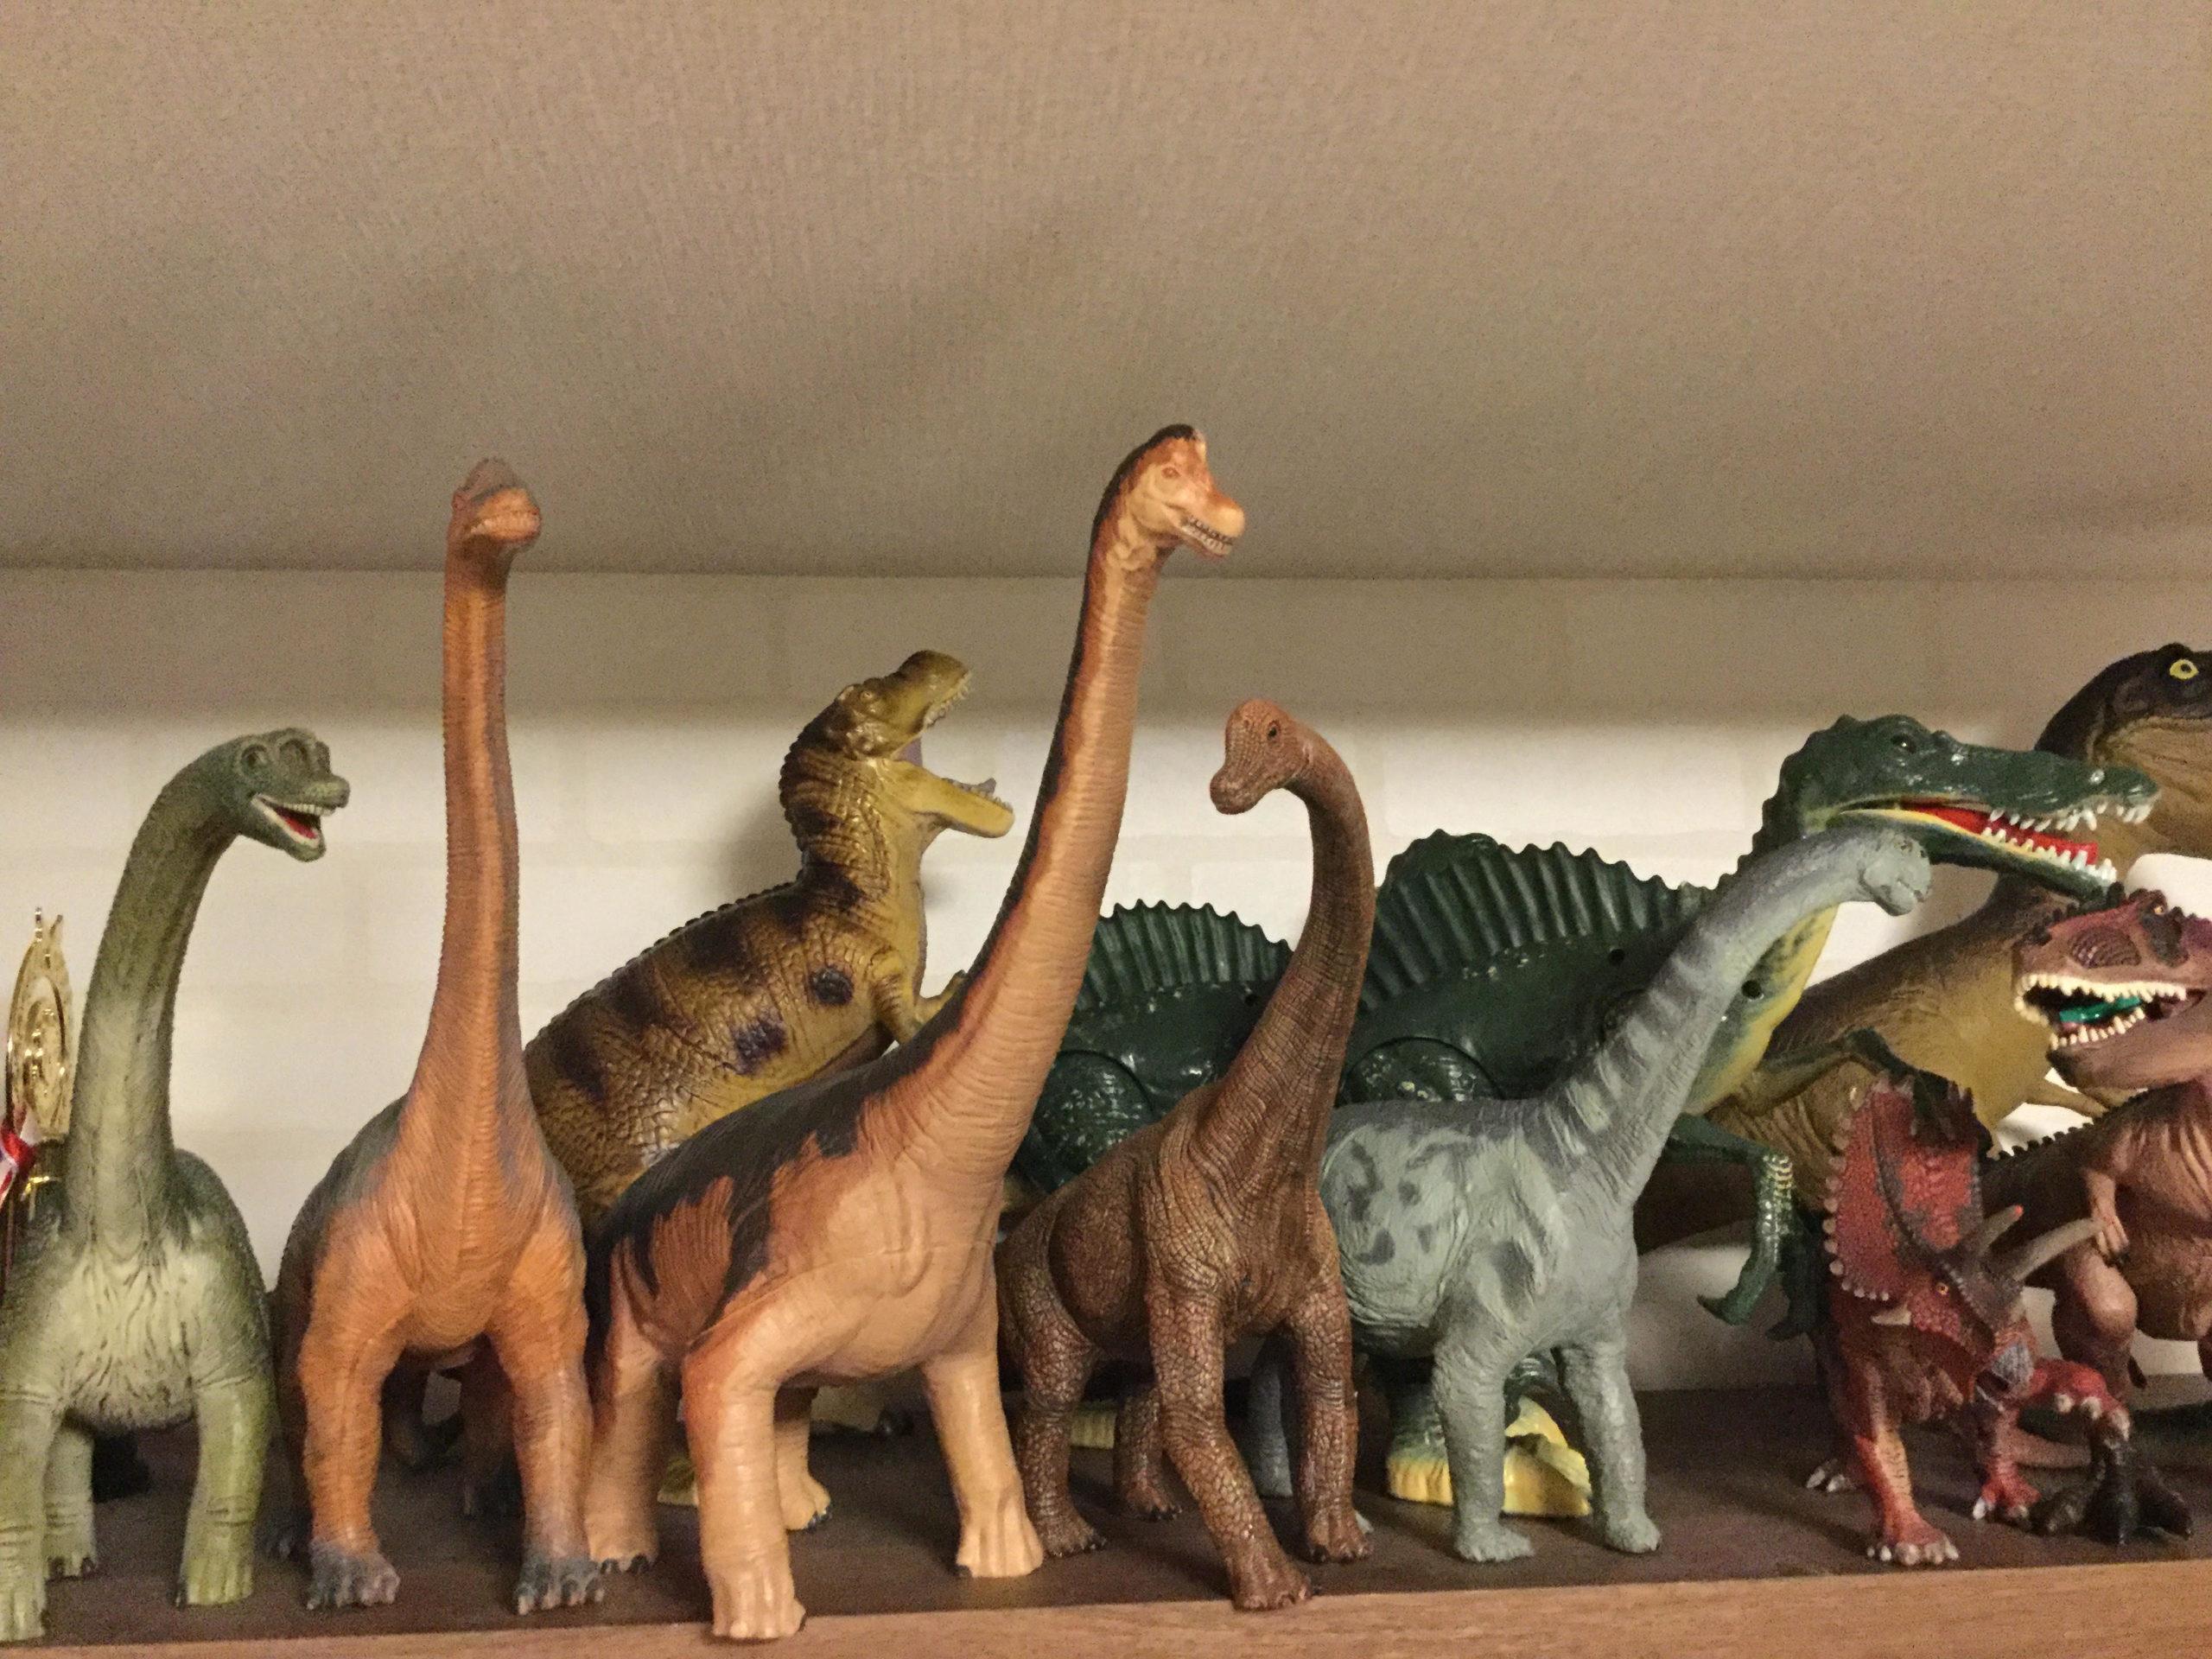 【恐竜好き集まれ】娘の本棚から恐竜図鑑を取り出したらすごい量でした【おすすめ7冊】